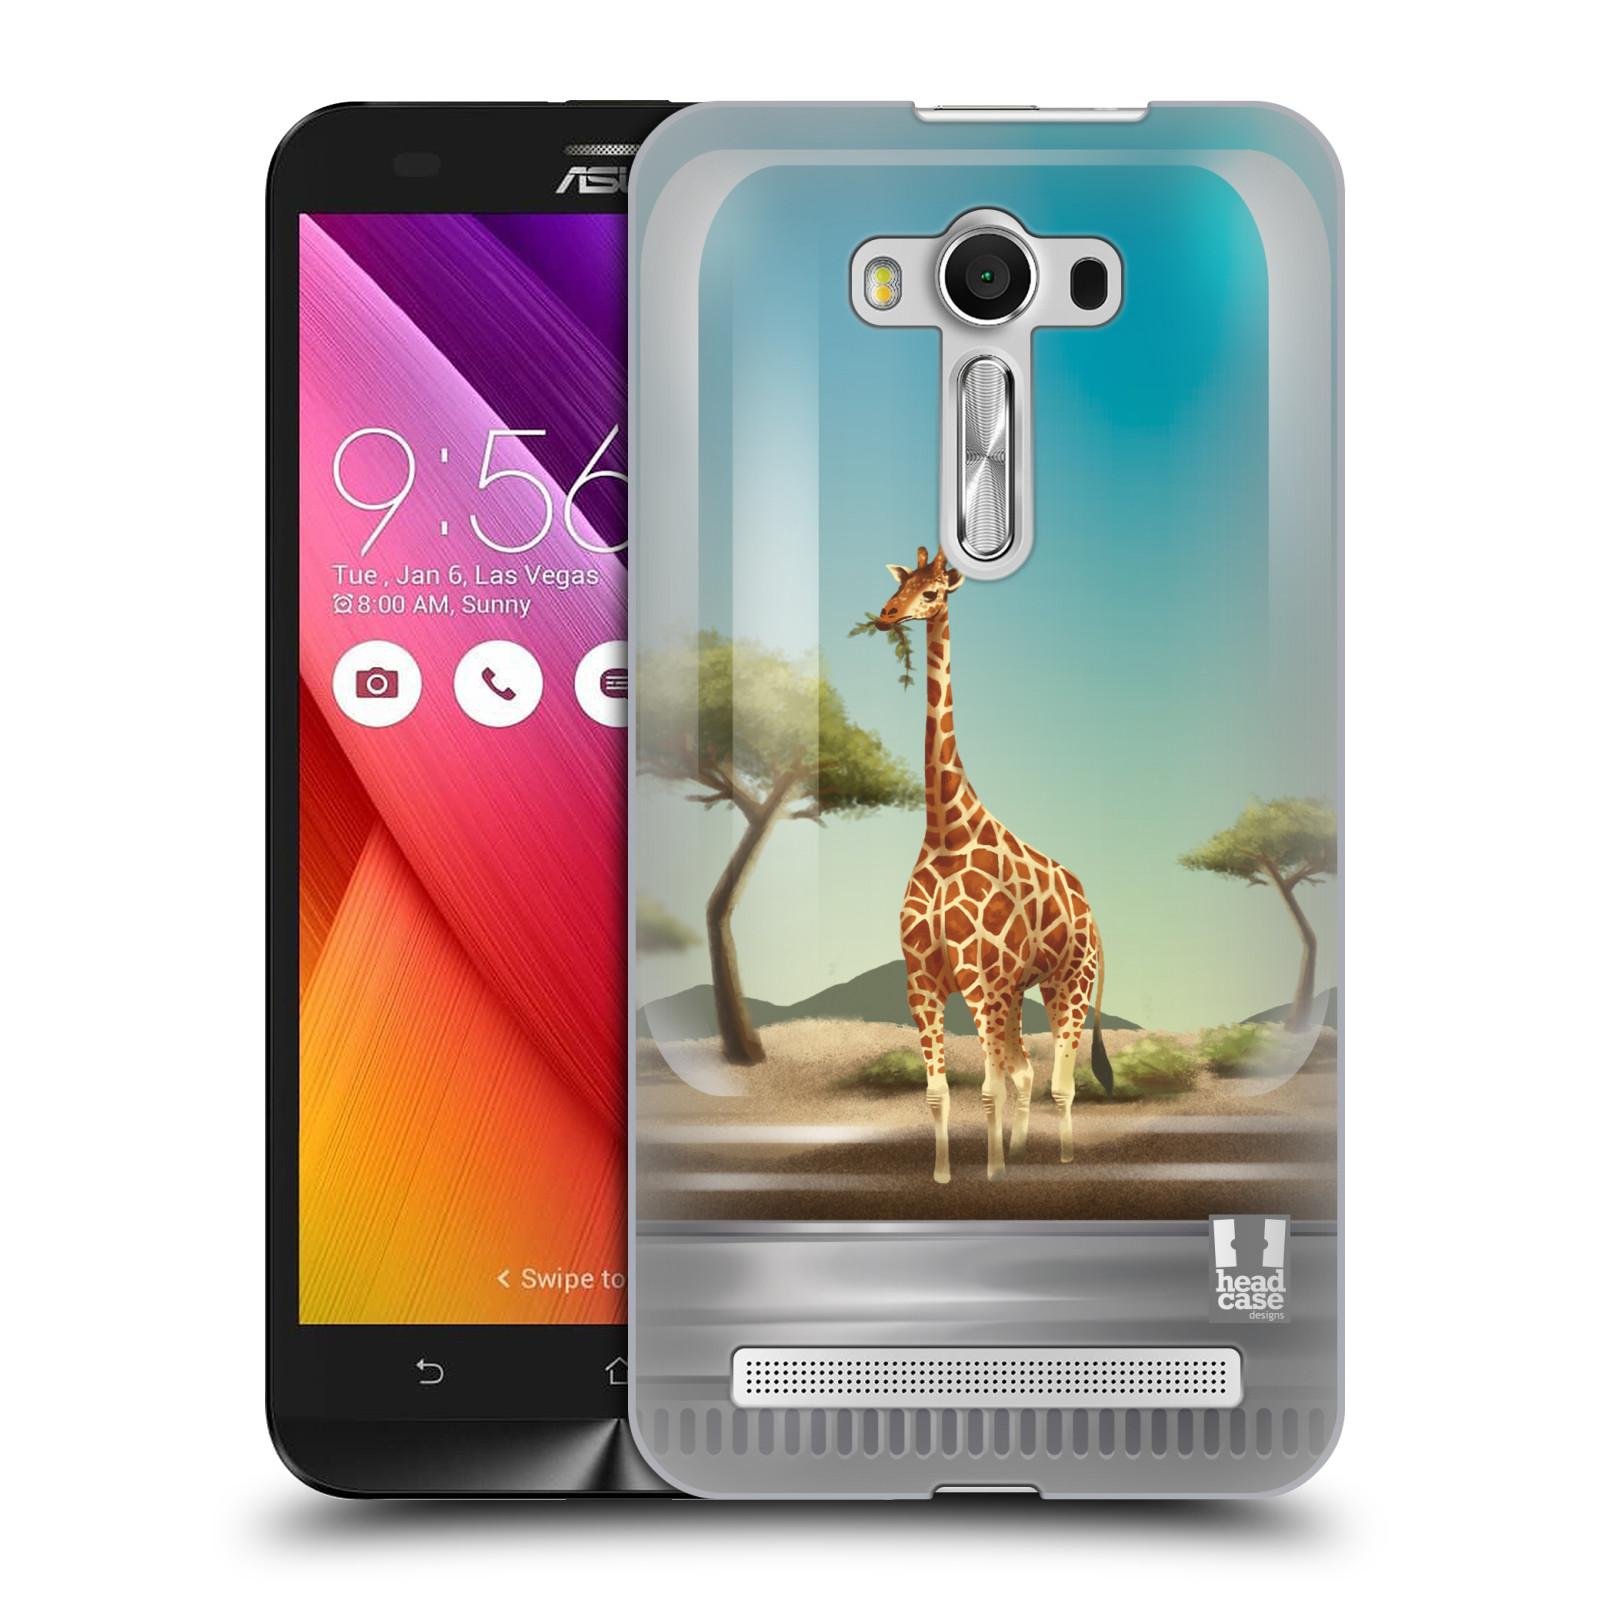 HEAD CASE plastový obal na mobil Asus Zenfone 2 LASER (5,5 displej ZE550KL) vzor Zvířátka v těžítku žirafa